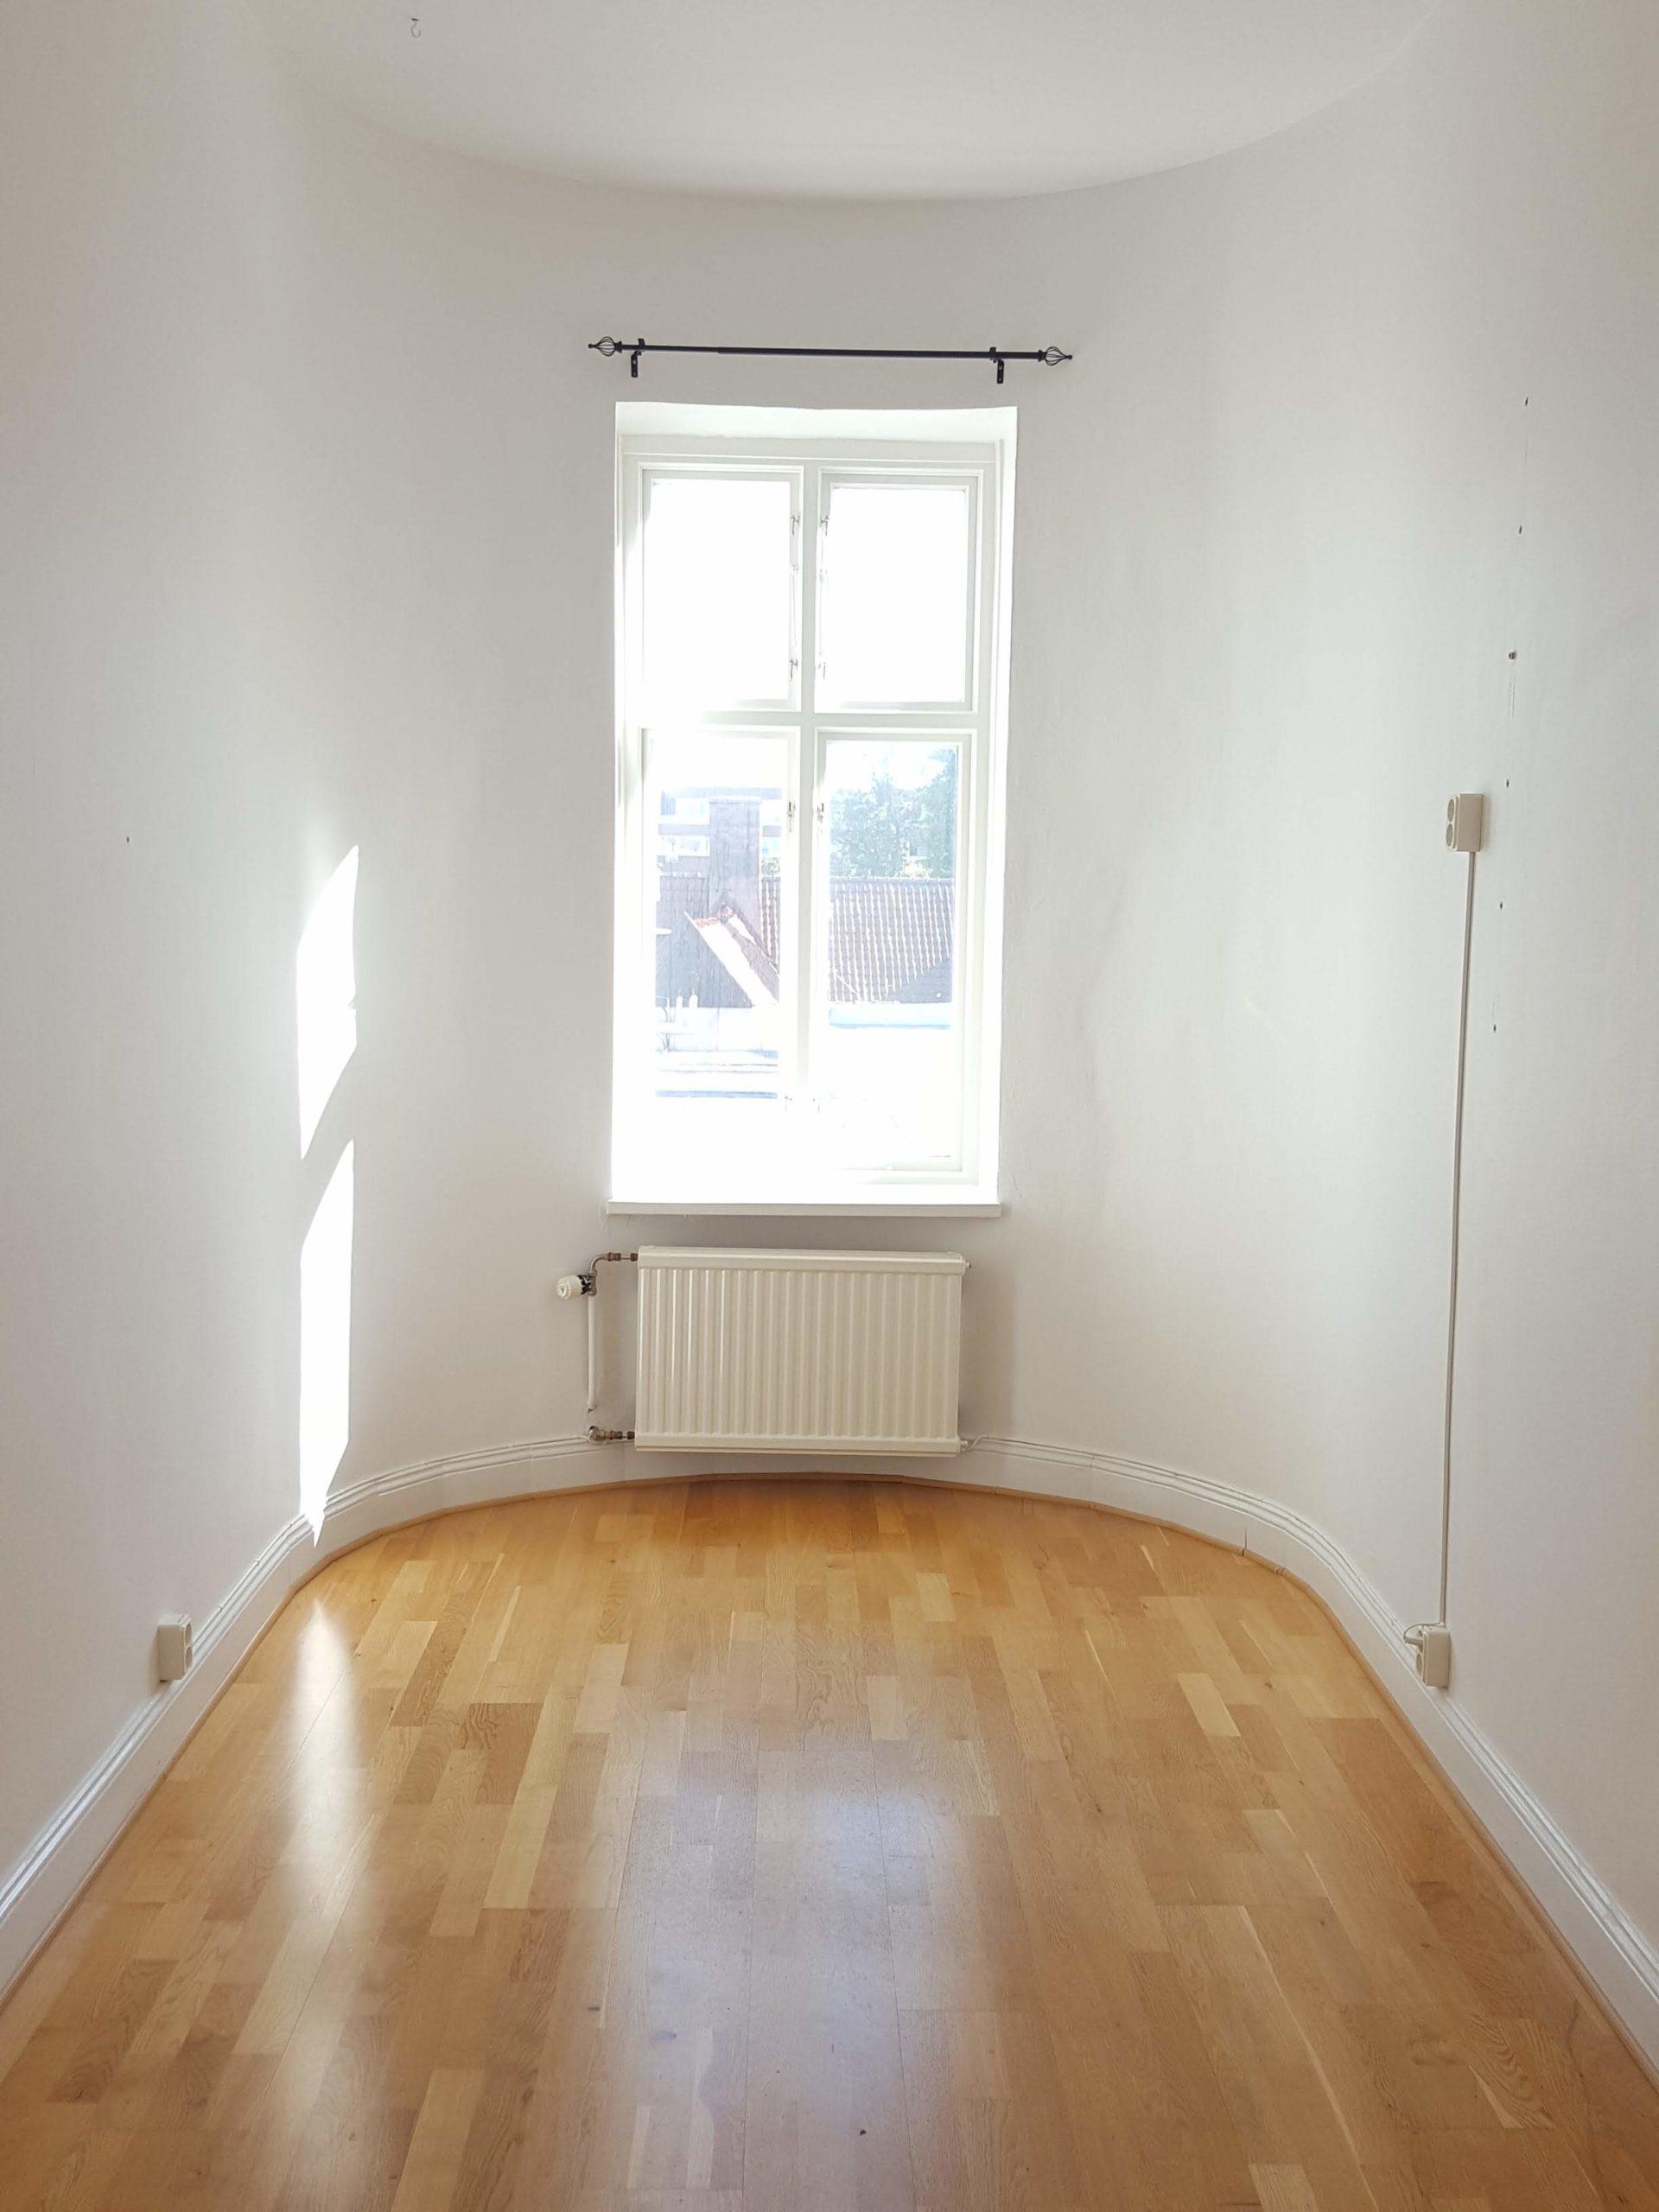 Kontorsrum uthyres i Malmö. Ett mindre rum med halvcirkelformad yttervägg med stort fönster.